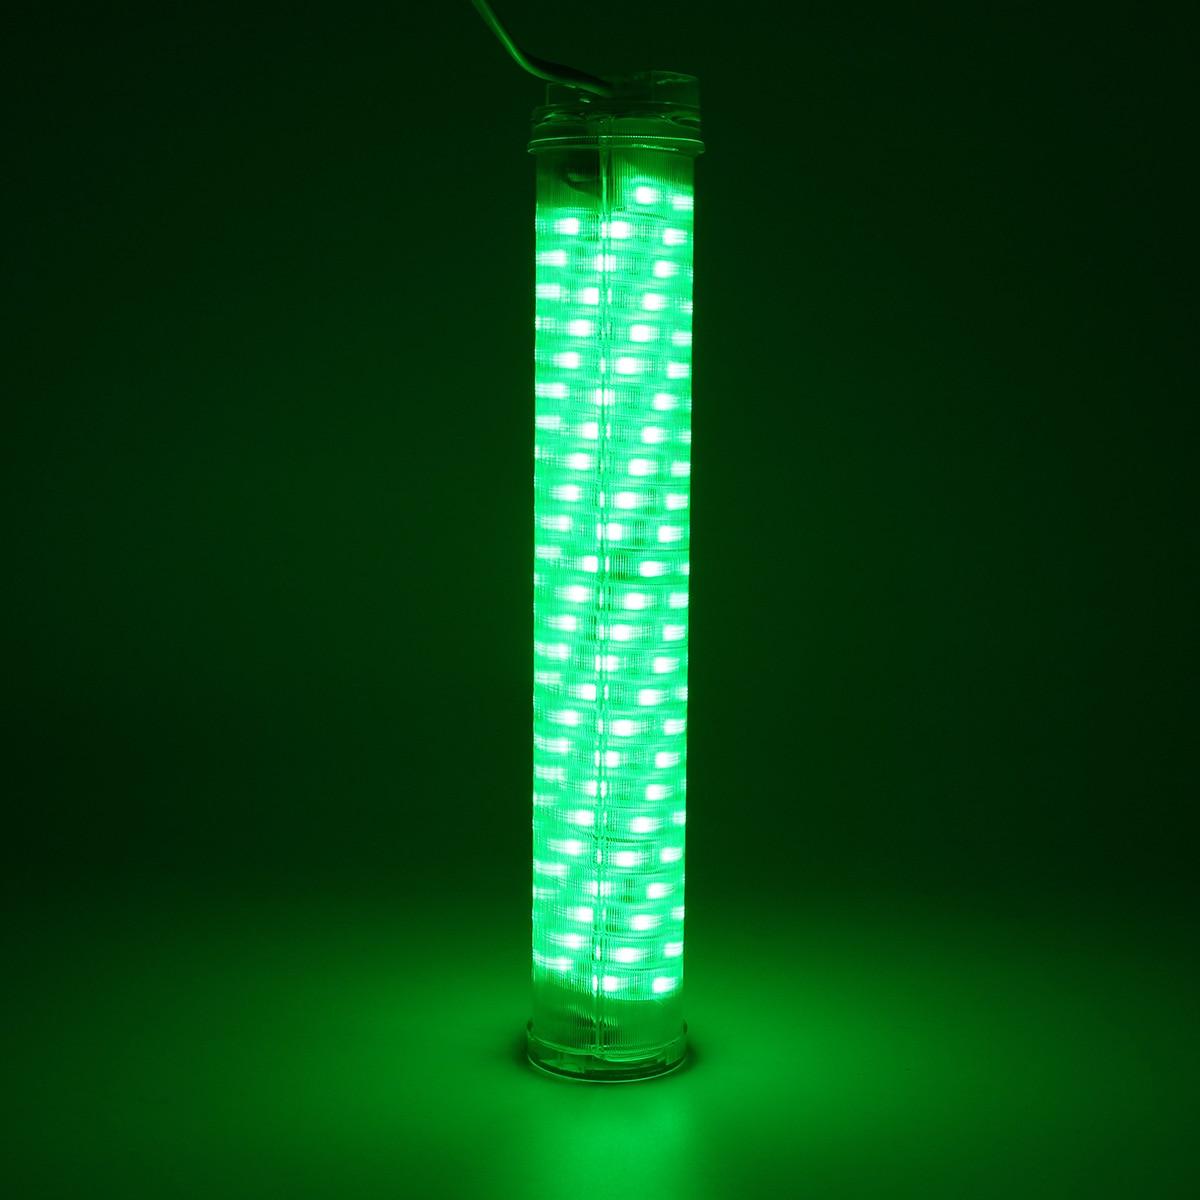 12V 30W Светодиодный Подводный Водонепроницаемый погружной светильник зеленого/синего цвета для рыбалки 2400LM лампа для рыбок кальмаров